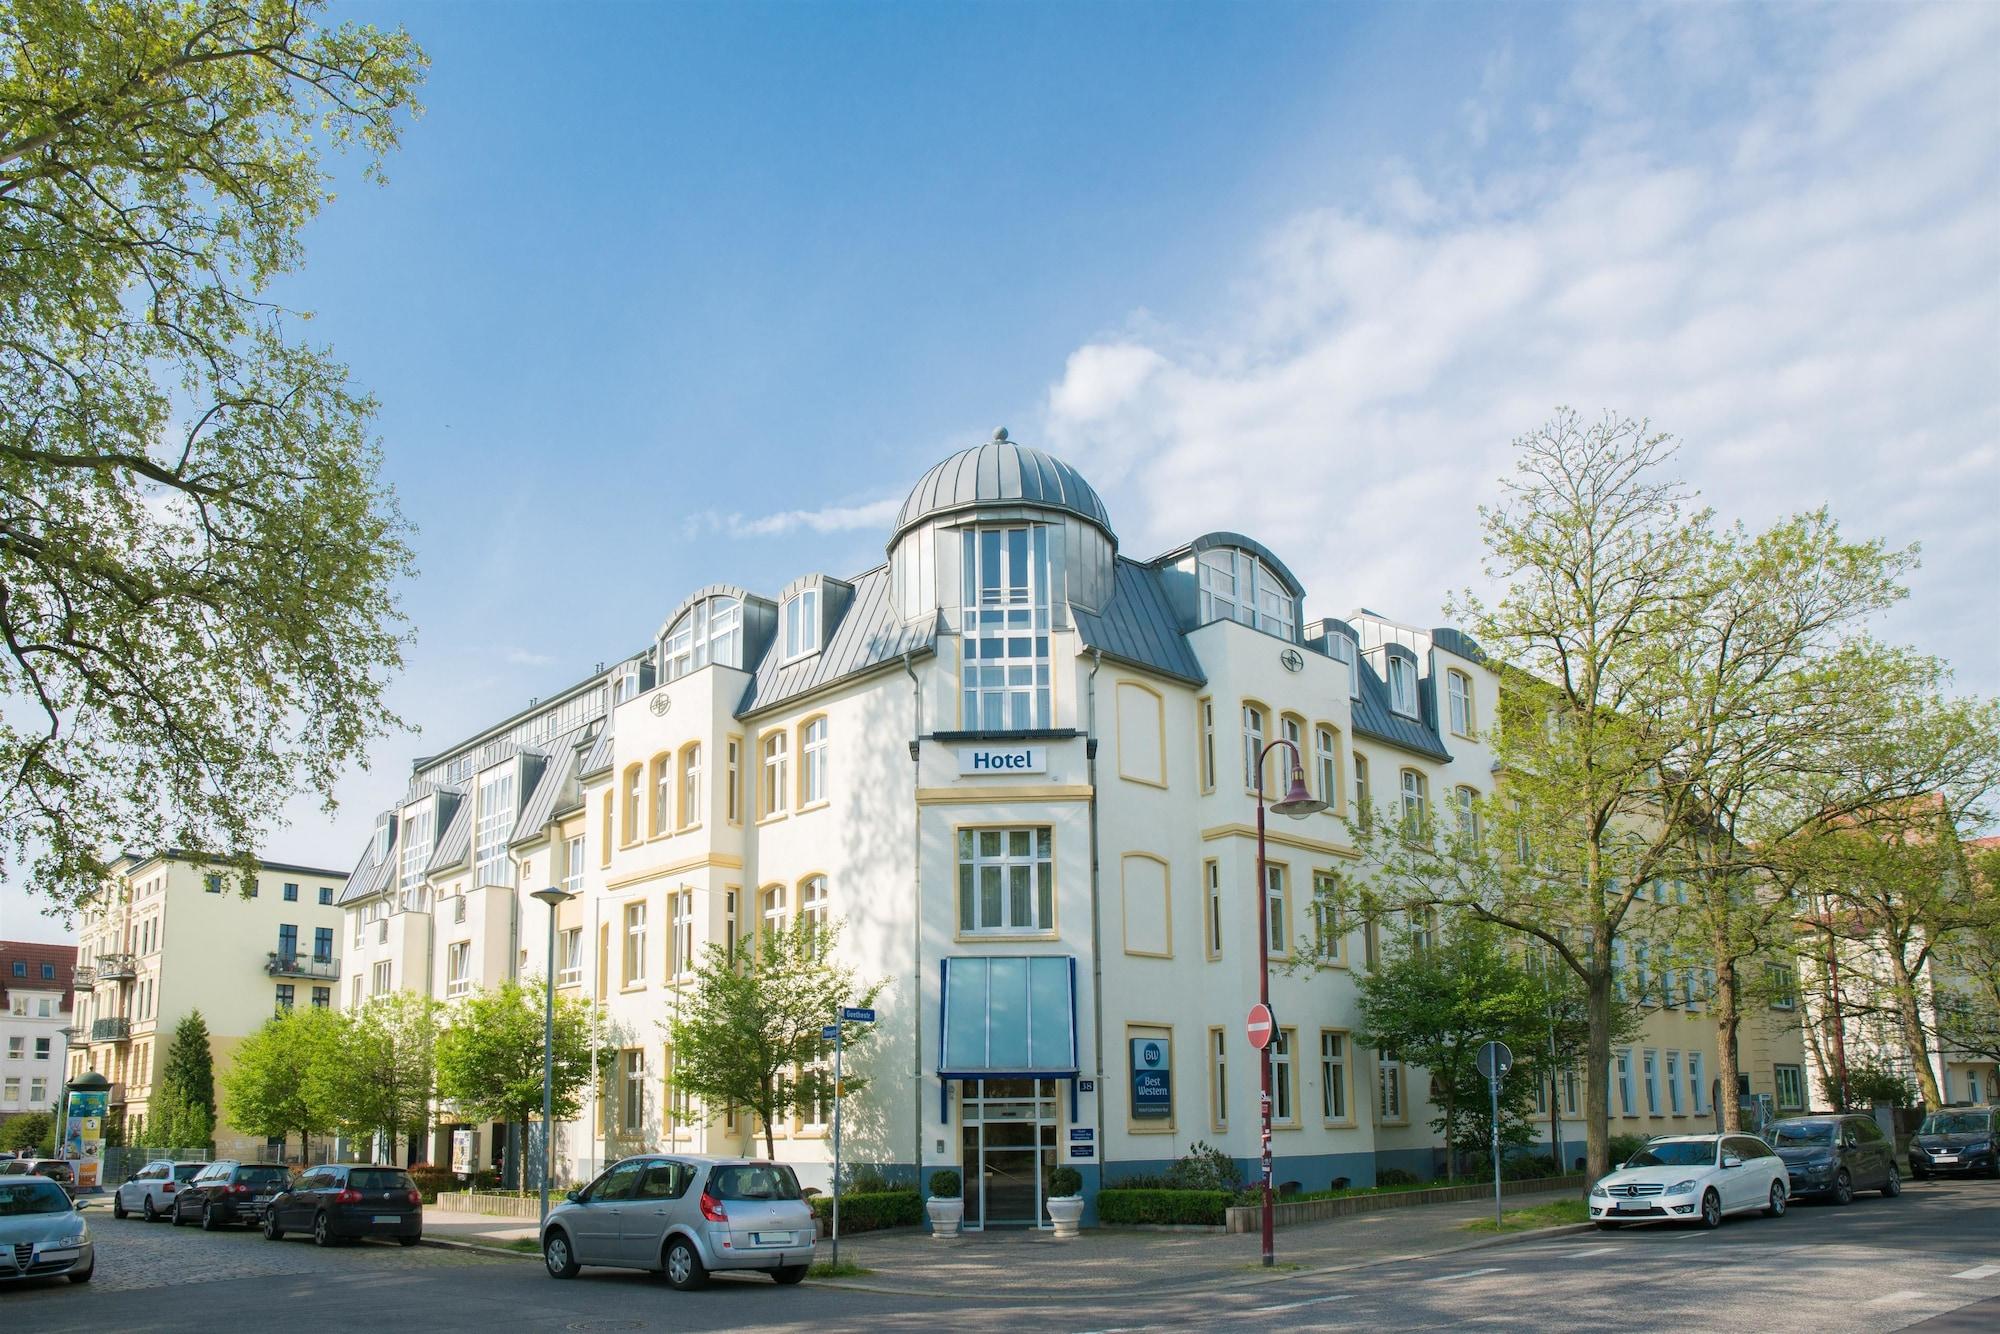 Best Western Hotel Geheimer Rat, Magdeburg